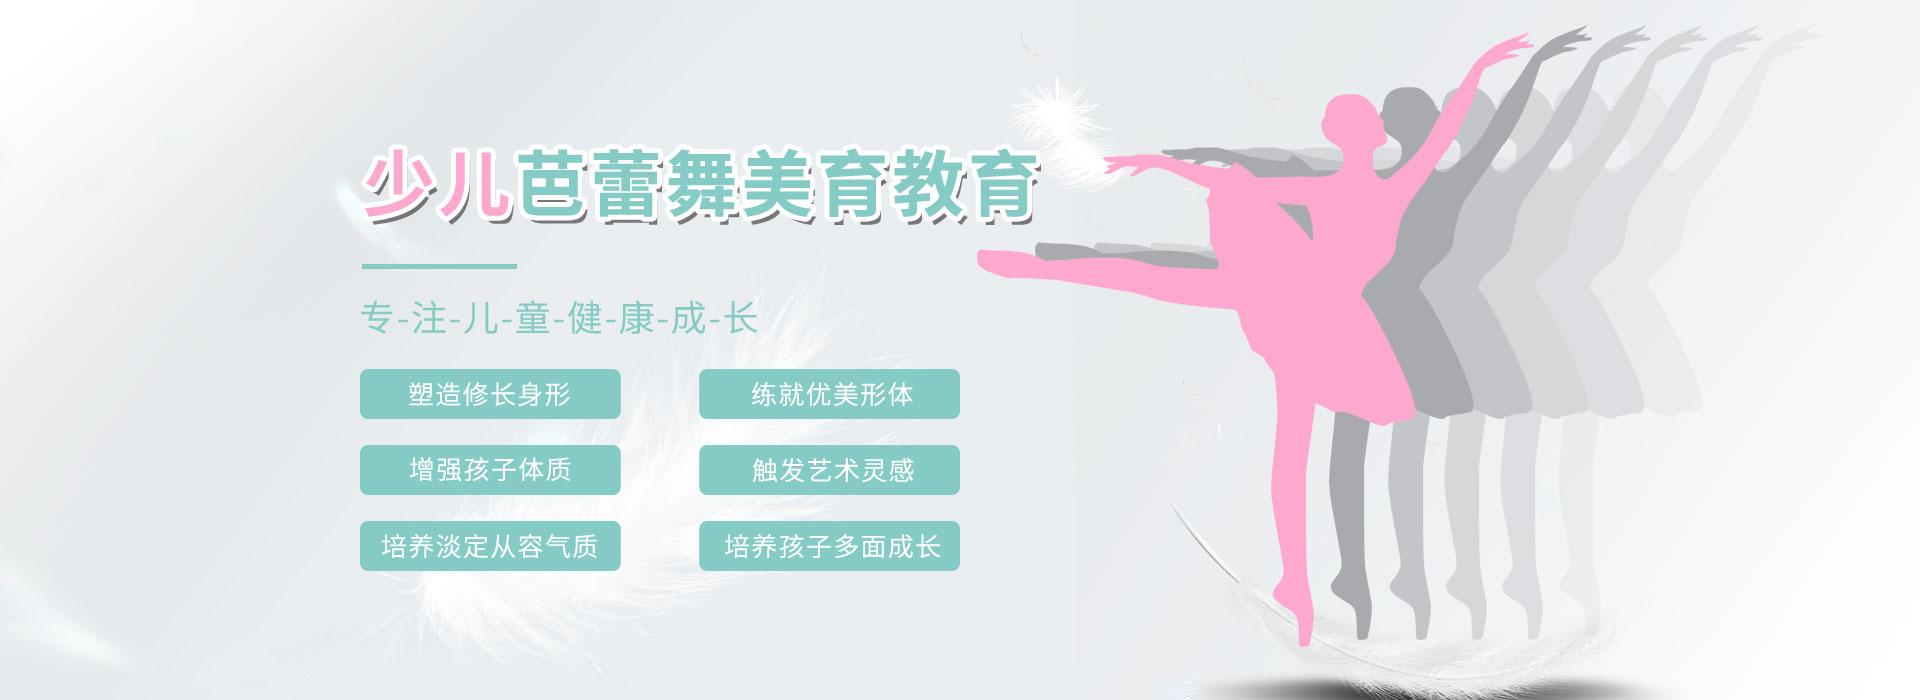 武昌芭蕾舞培训班,武昌少儿芭蕾,武昌少儿舞蹈